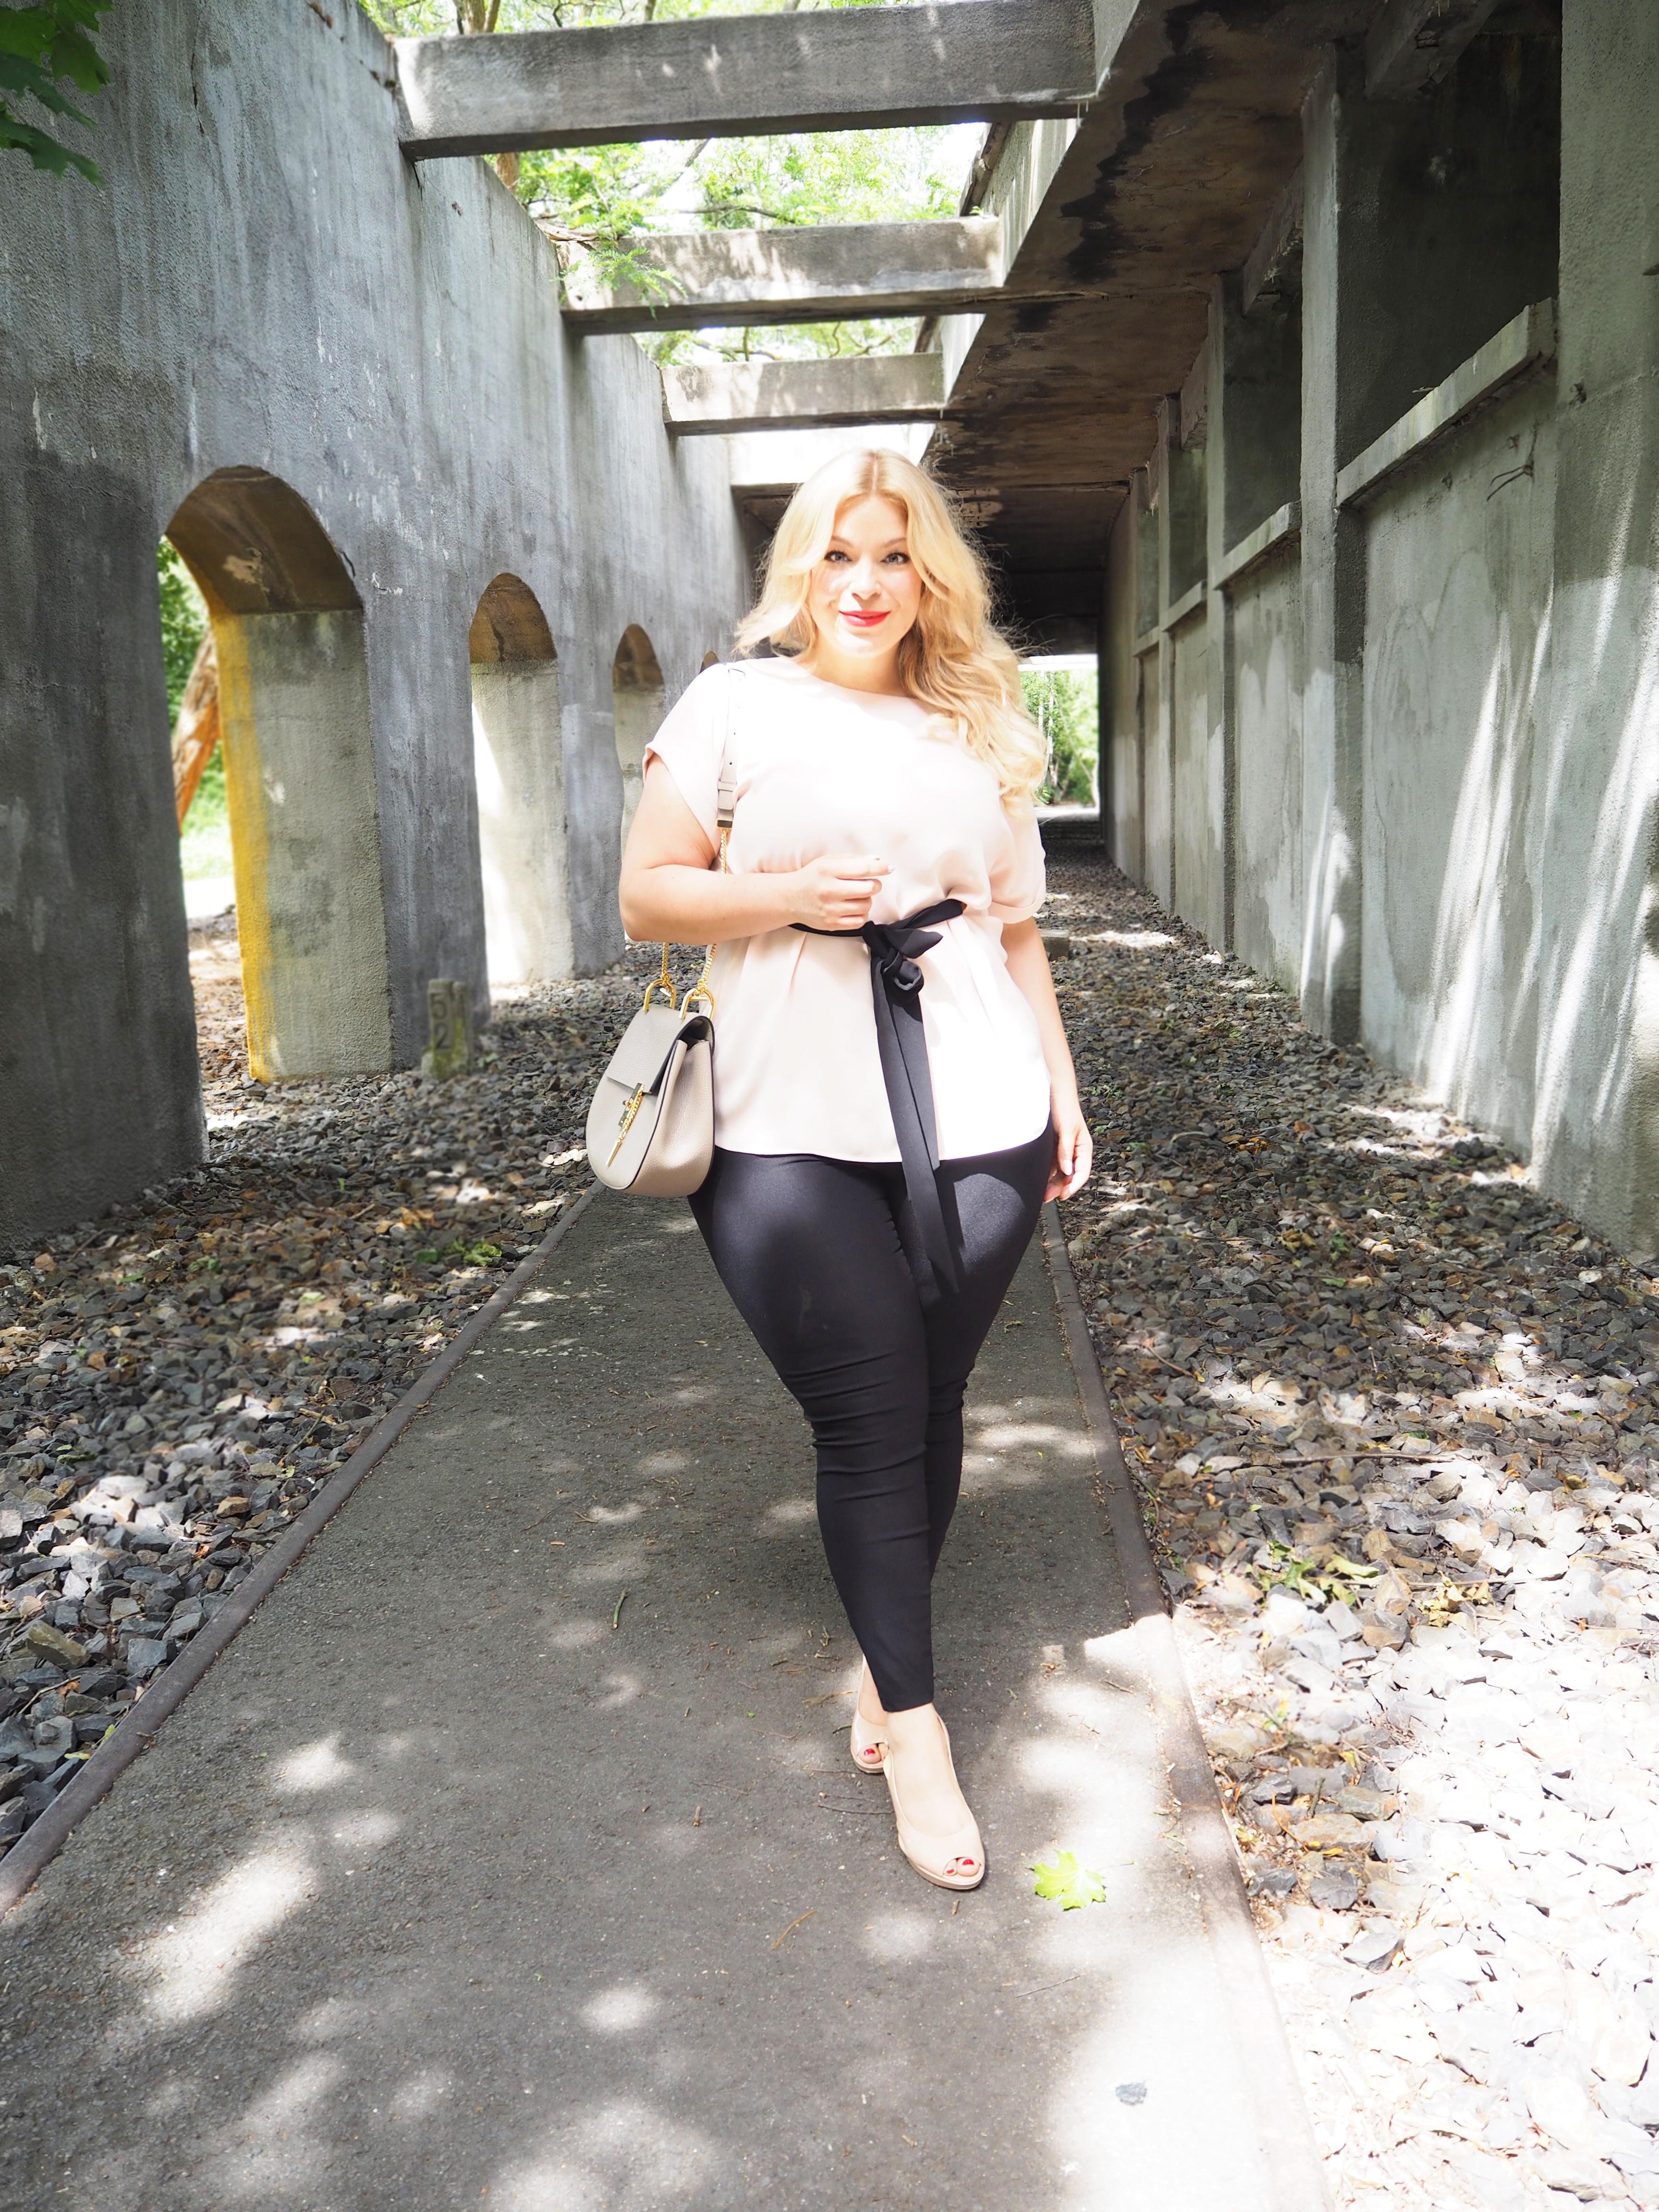 Caterina-pogorzelski-Megabambi